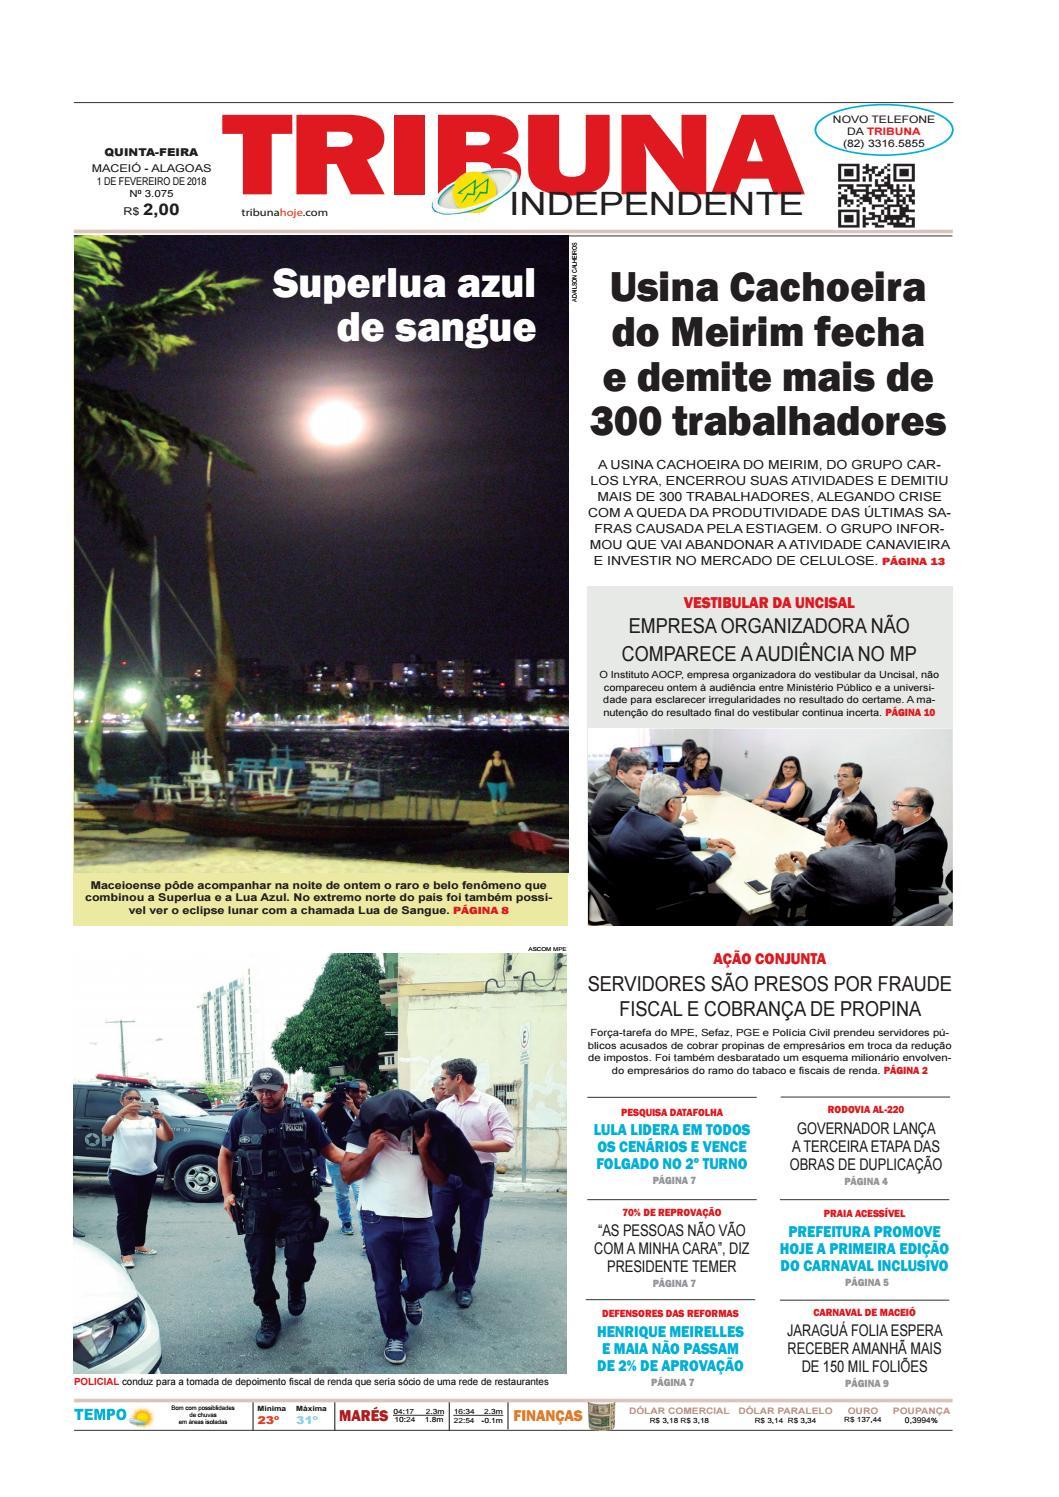 f836df77c78 Edição número 3075 - 1 de fevereiro de 2018 by Tribuna Hoje - issuu